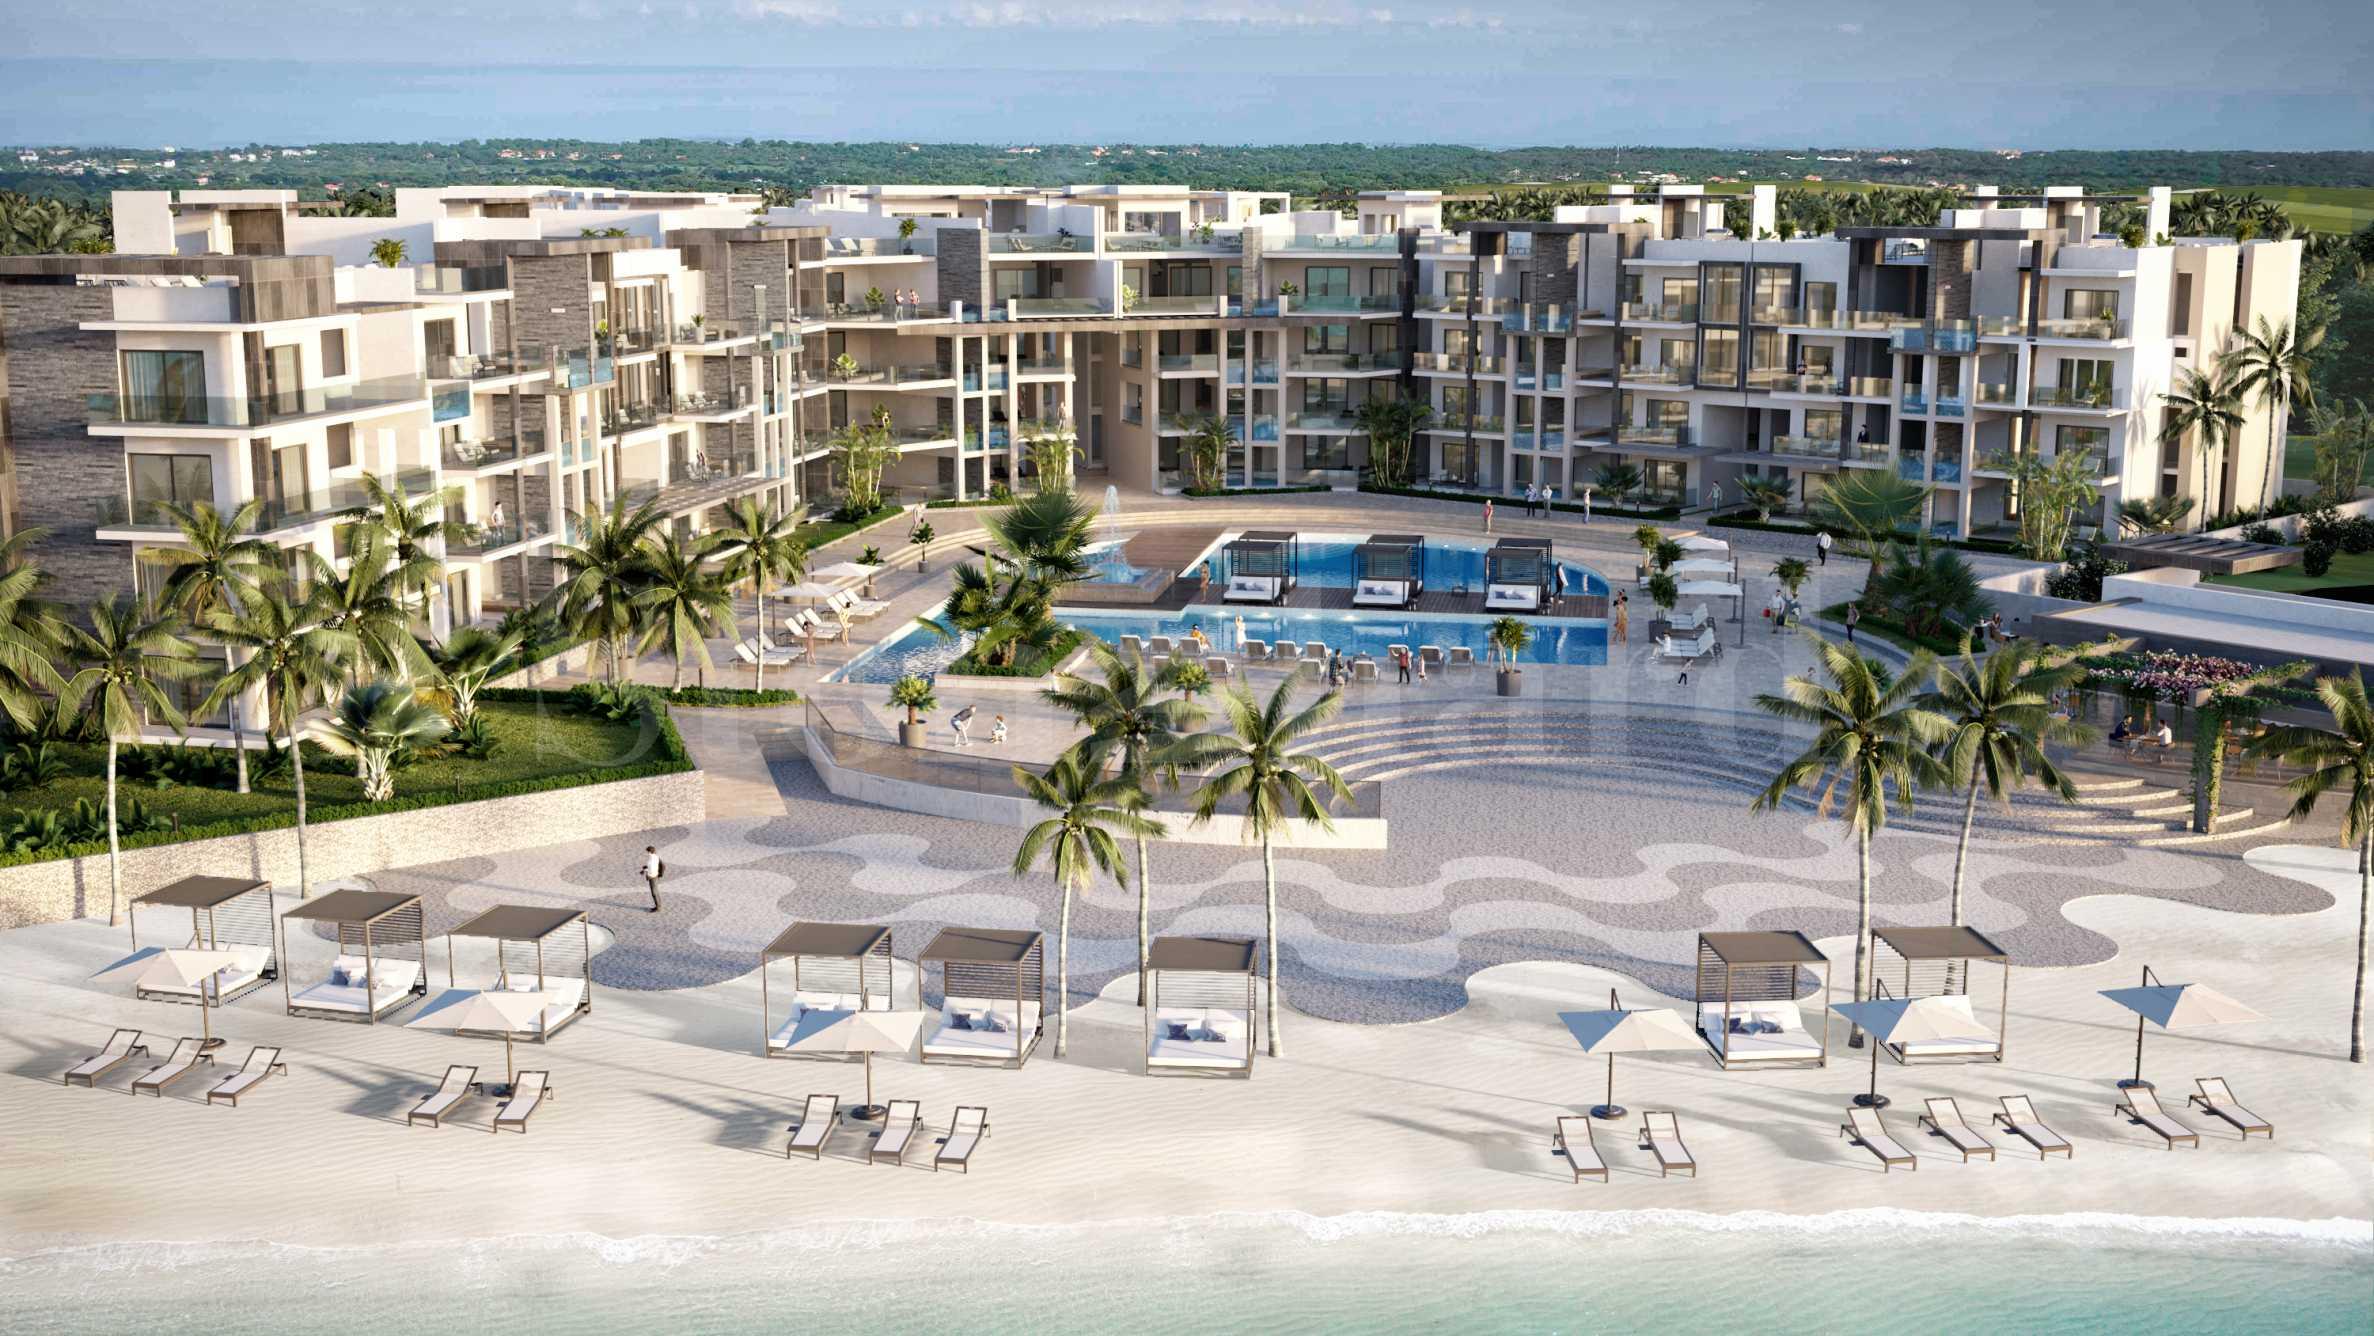 Първокласен комплекс на плажа Баваро в Пунта Кана1 - Stonehard